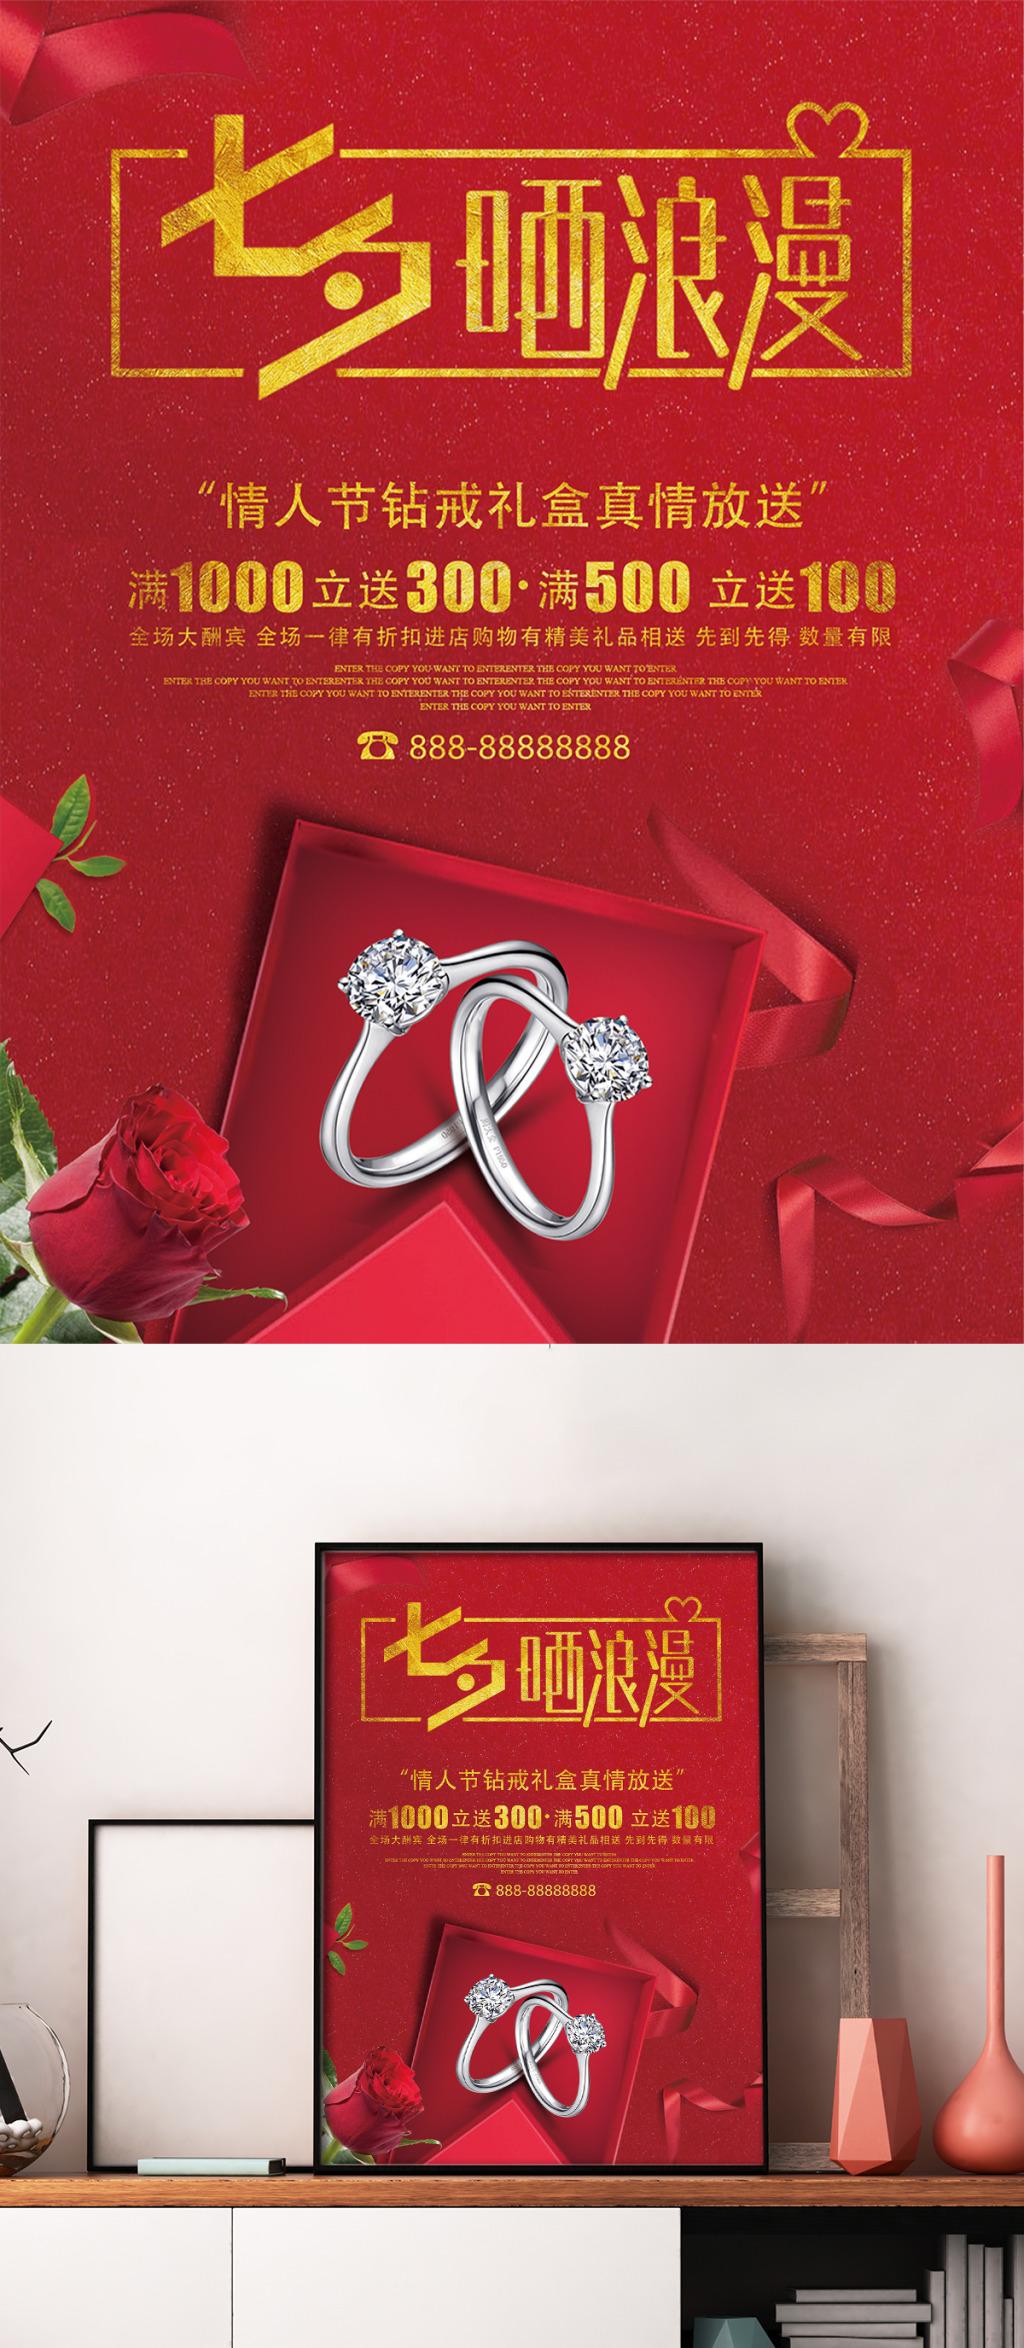 七夕晒浪漫情人节约惠商场促销海报设计欣赏